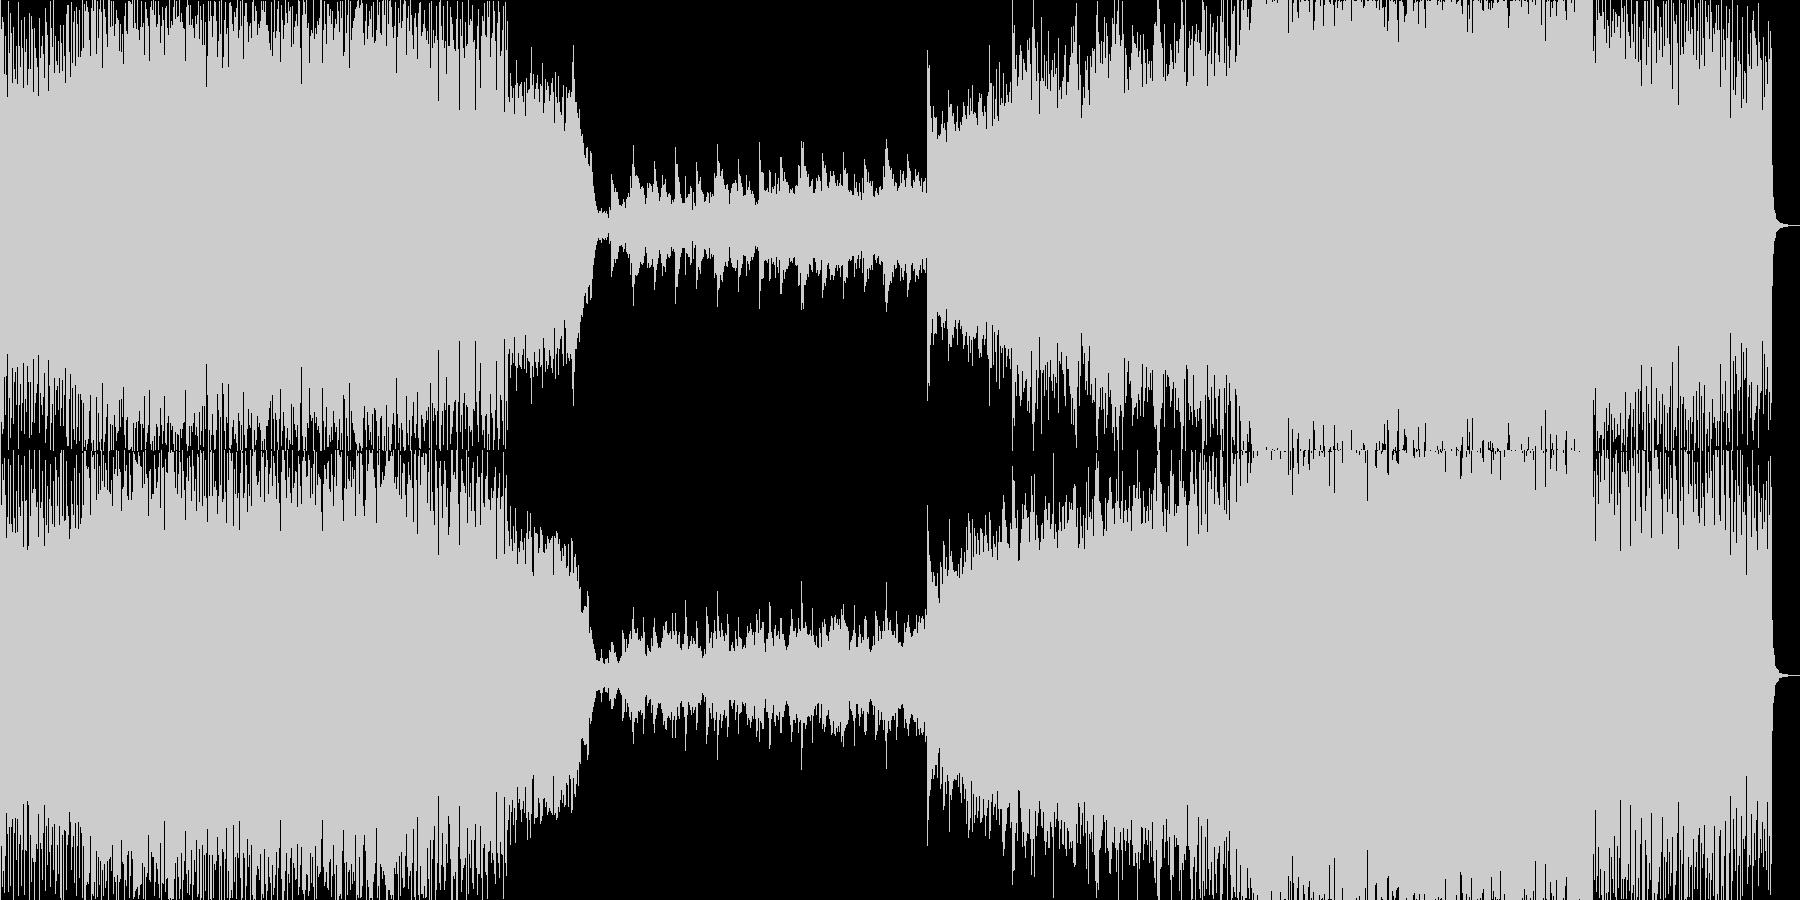 高揚感のあるピアノトランスの未再生の波形